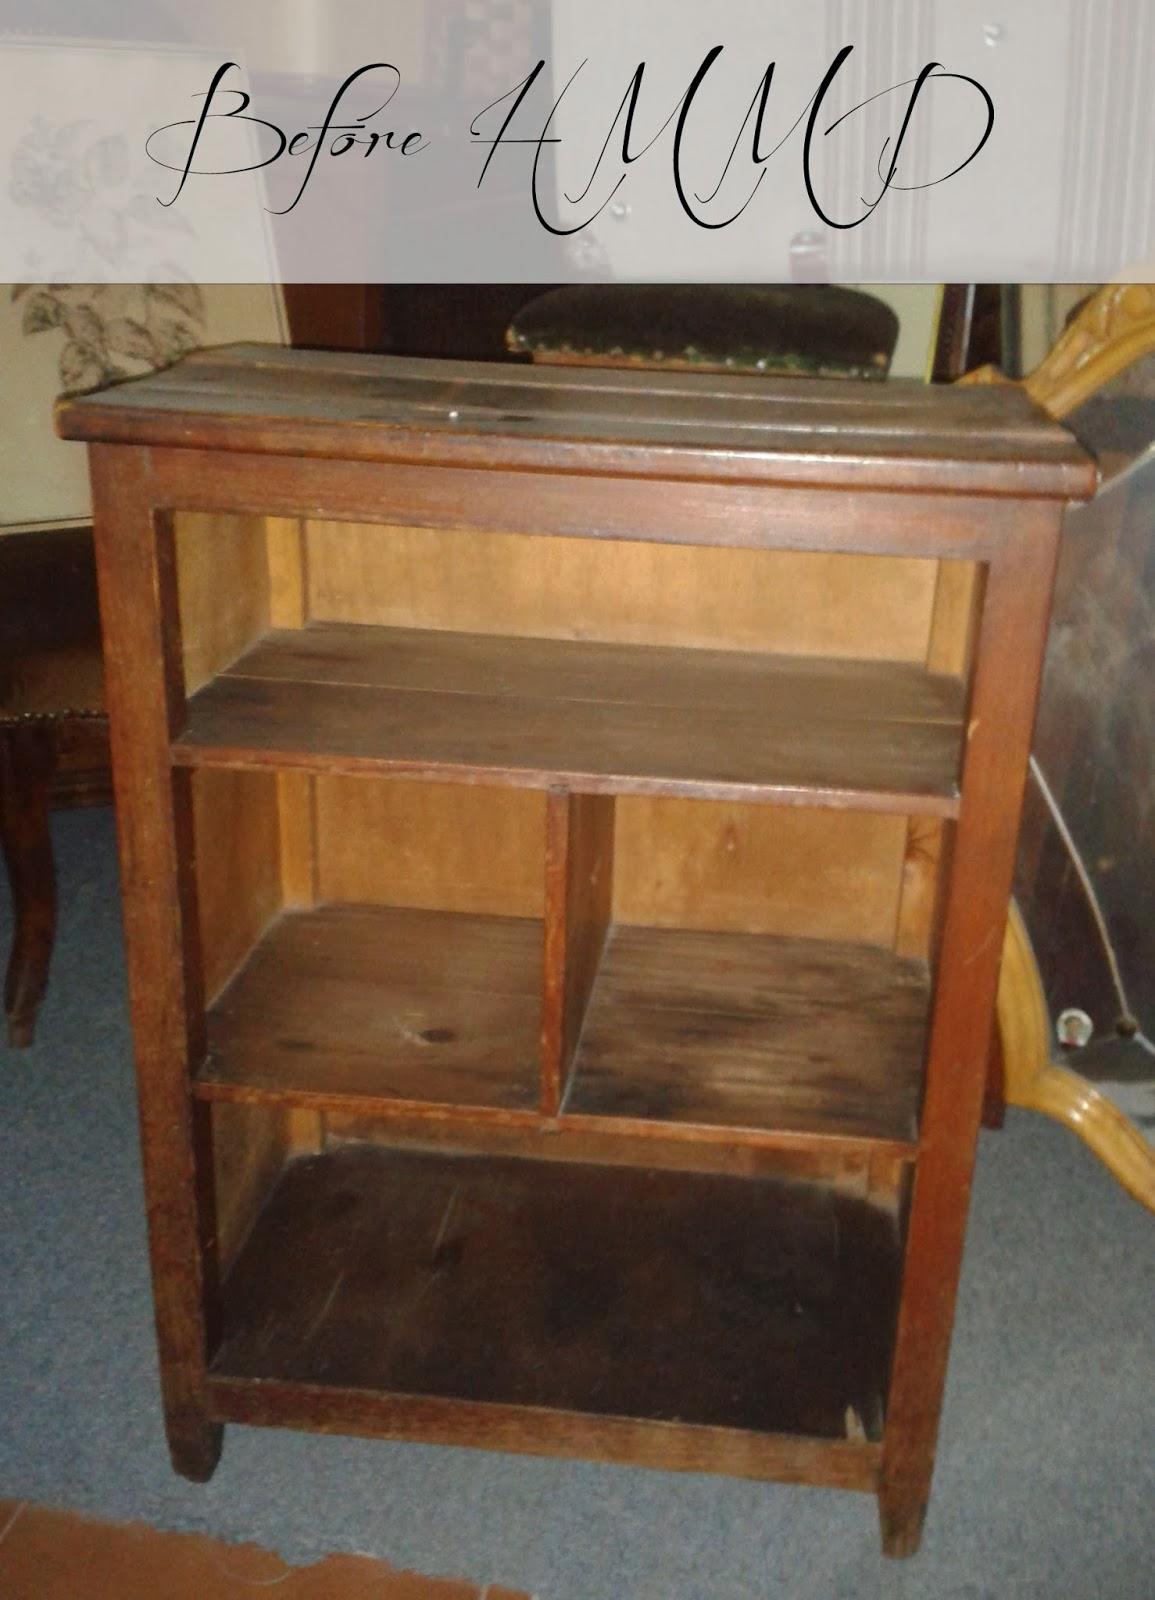 Armario Baño Vintage:Armario de baño vintage decapado gris y blanco, vintage cabinet